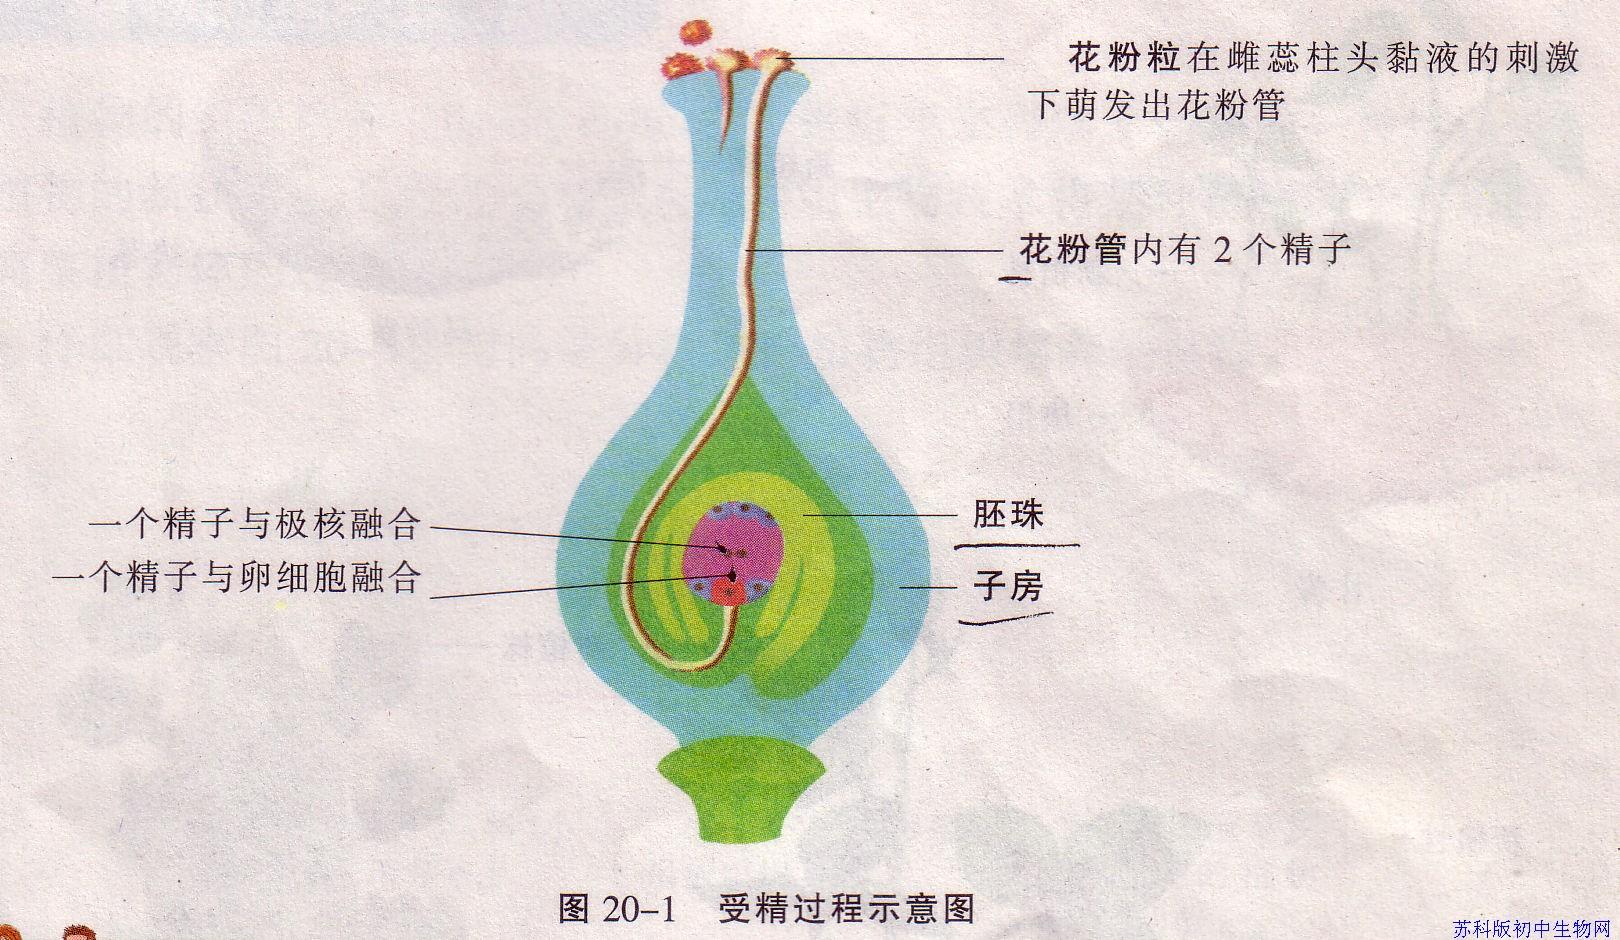 受精过程示意图内容|受精过程示意图版面设计